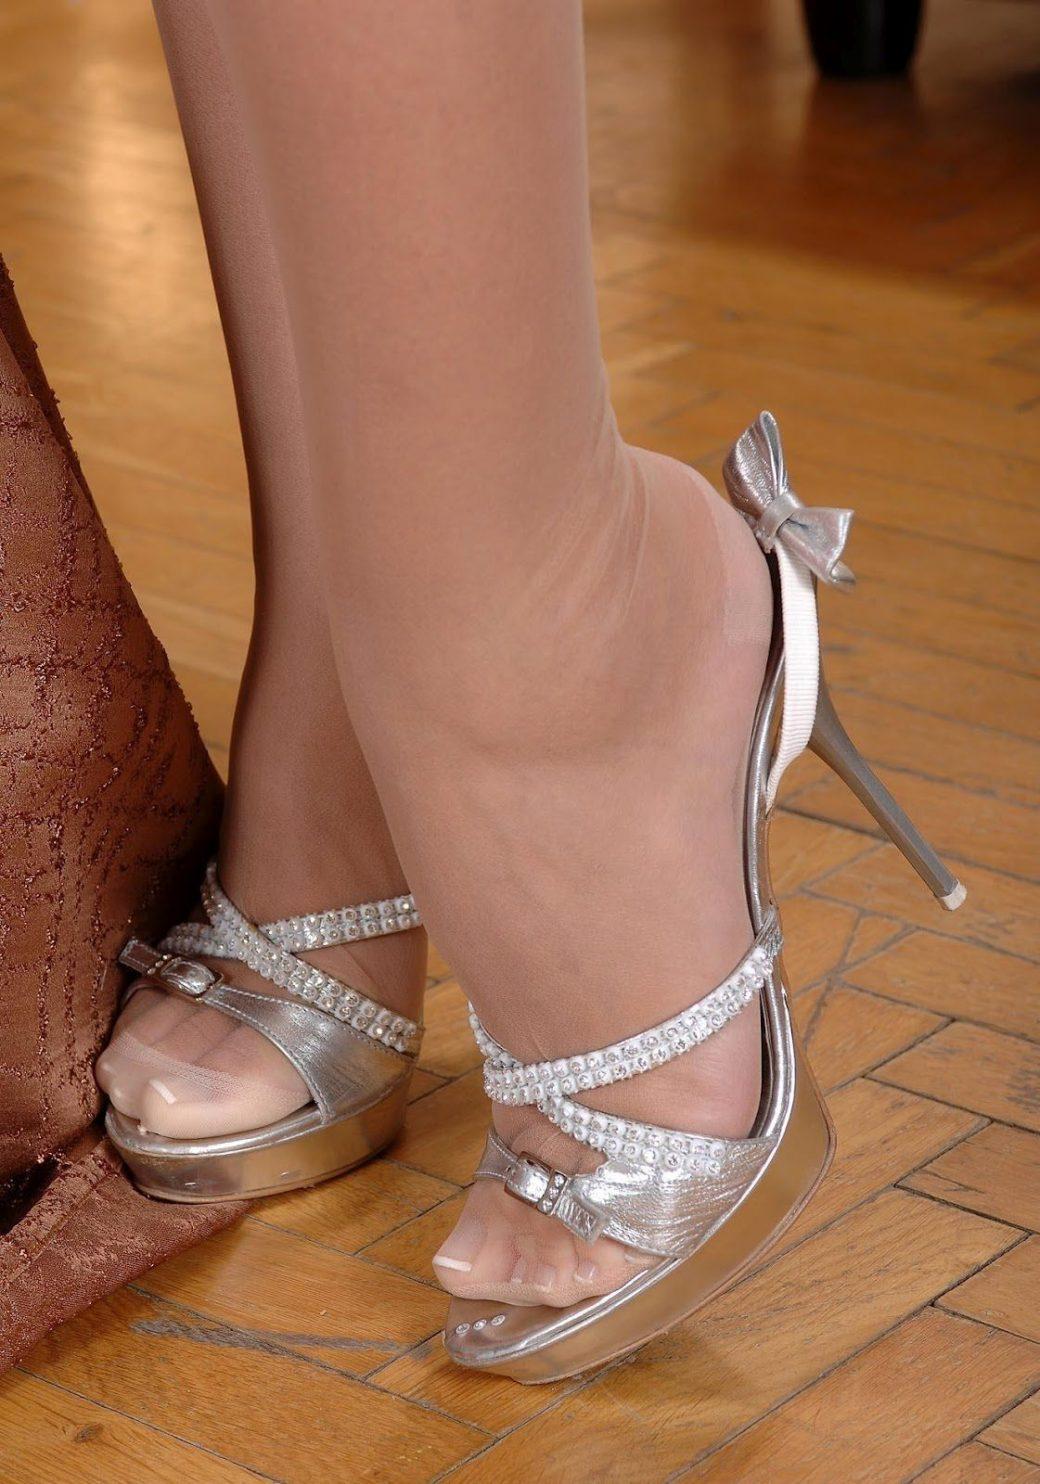 Granny Flats Shoes